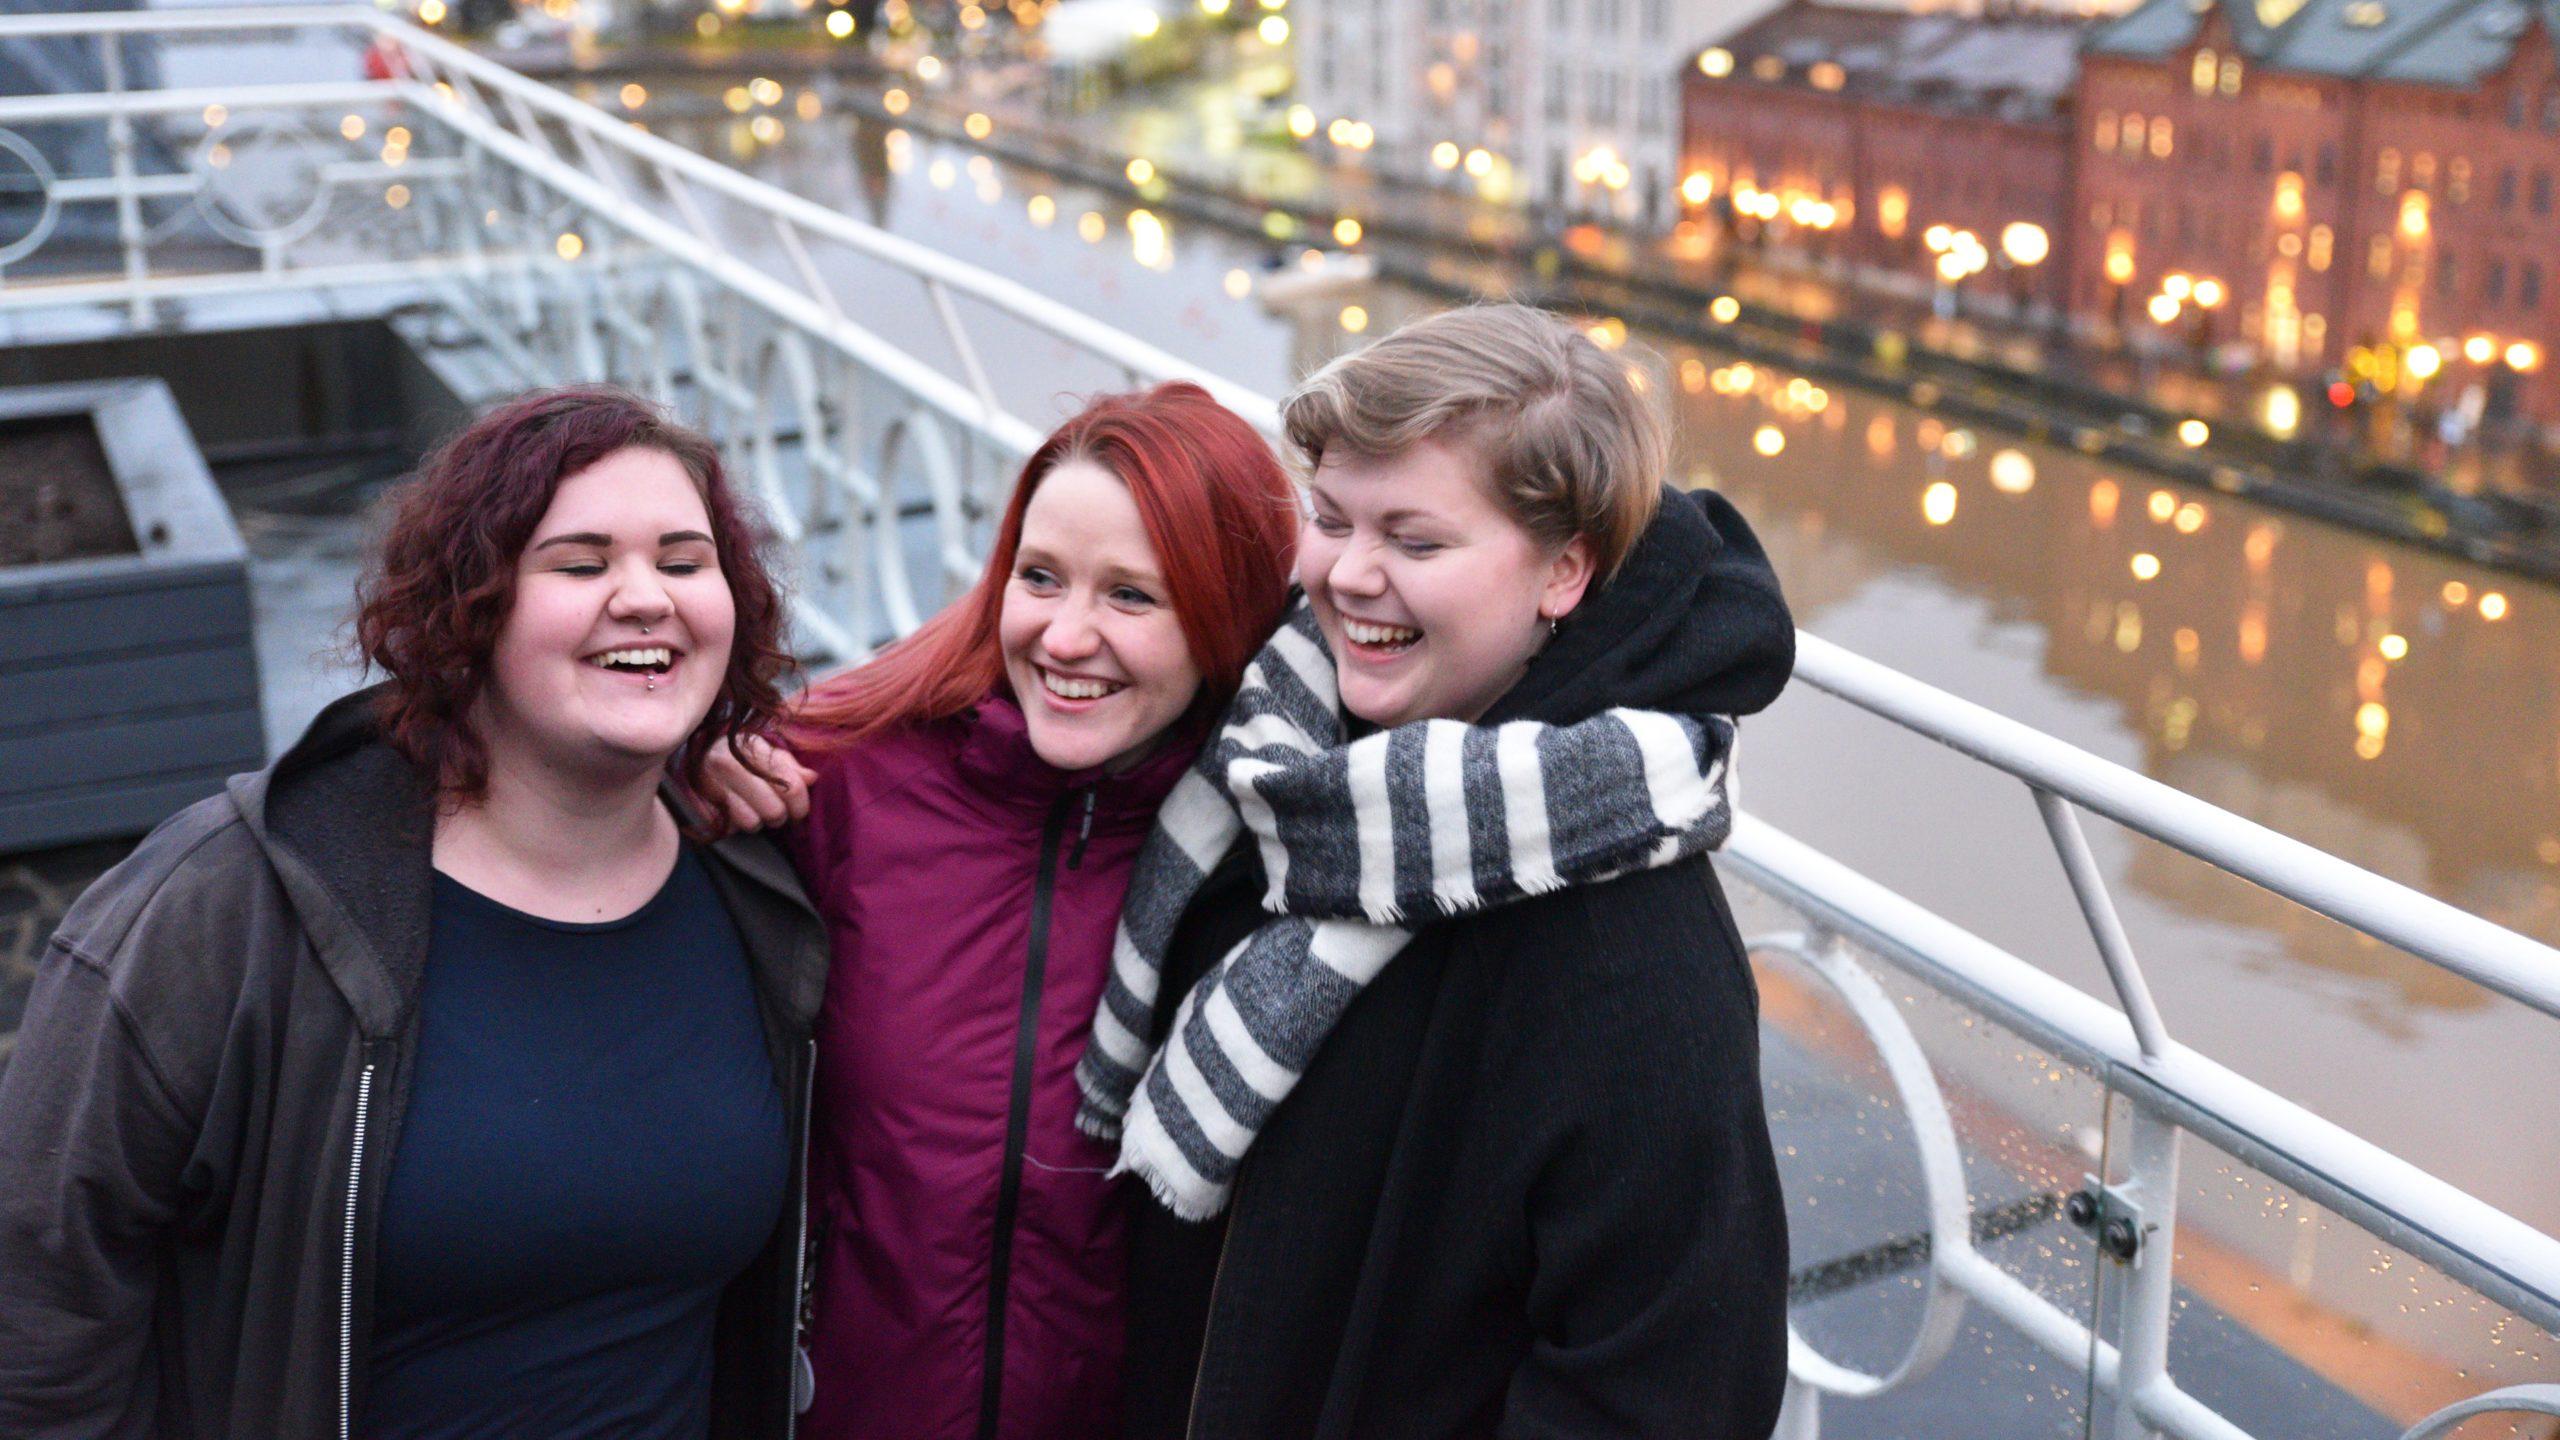 Kolme naista seisovat hymyillen parvekkeella ja taustalla näkyy joki sekä kaupunkimaisemaa.